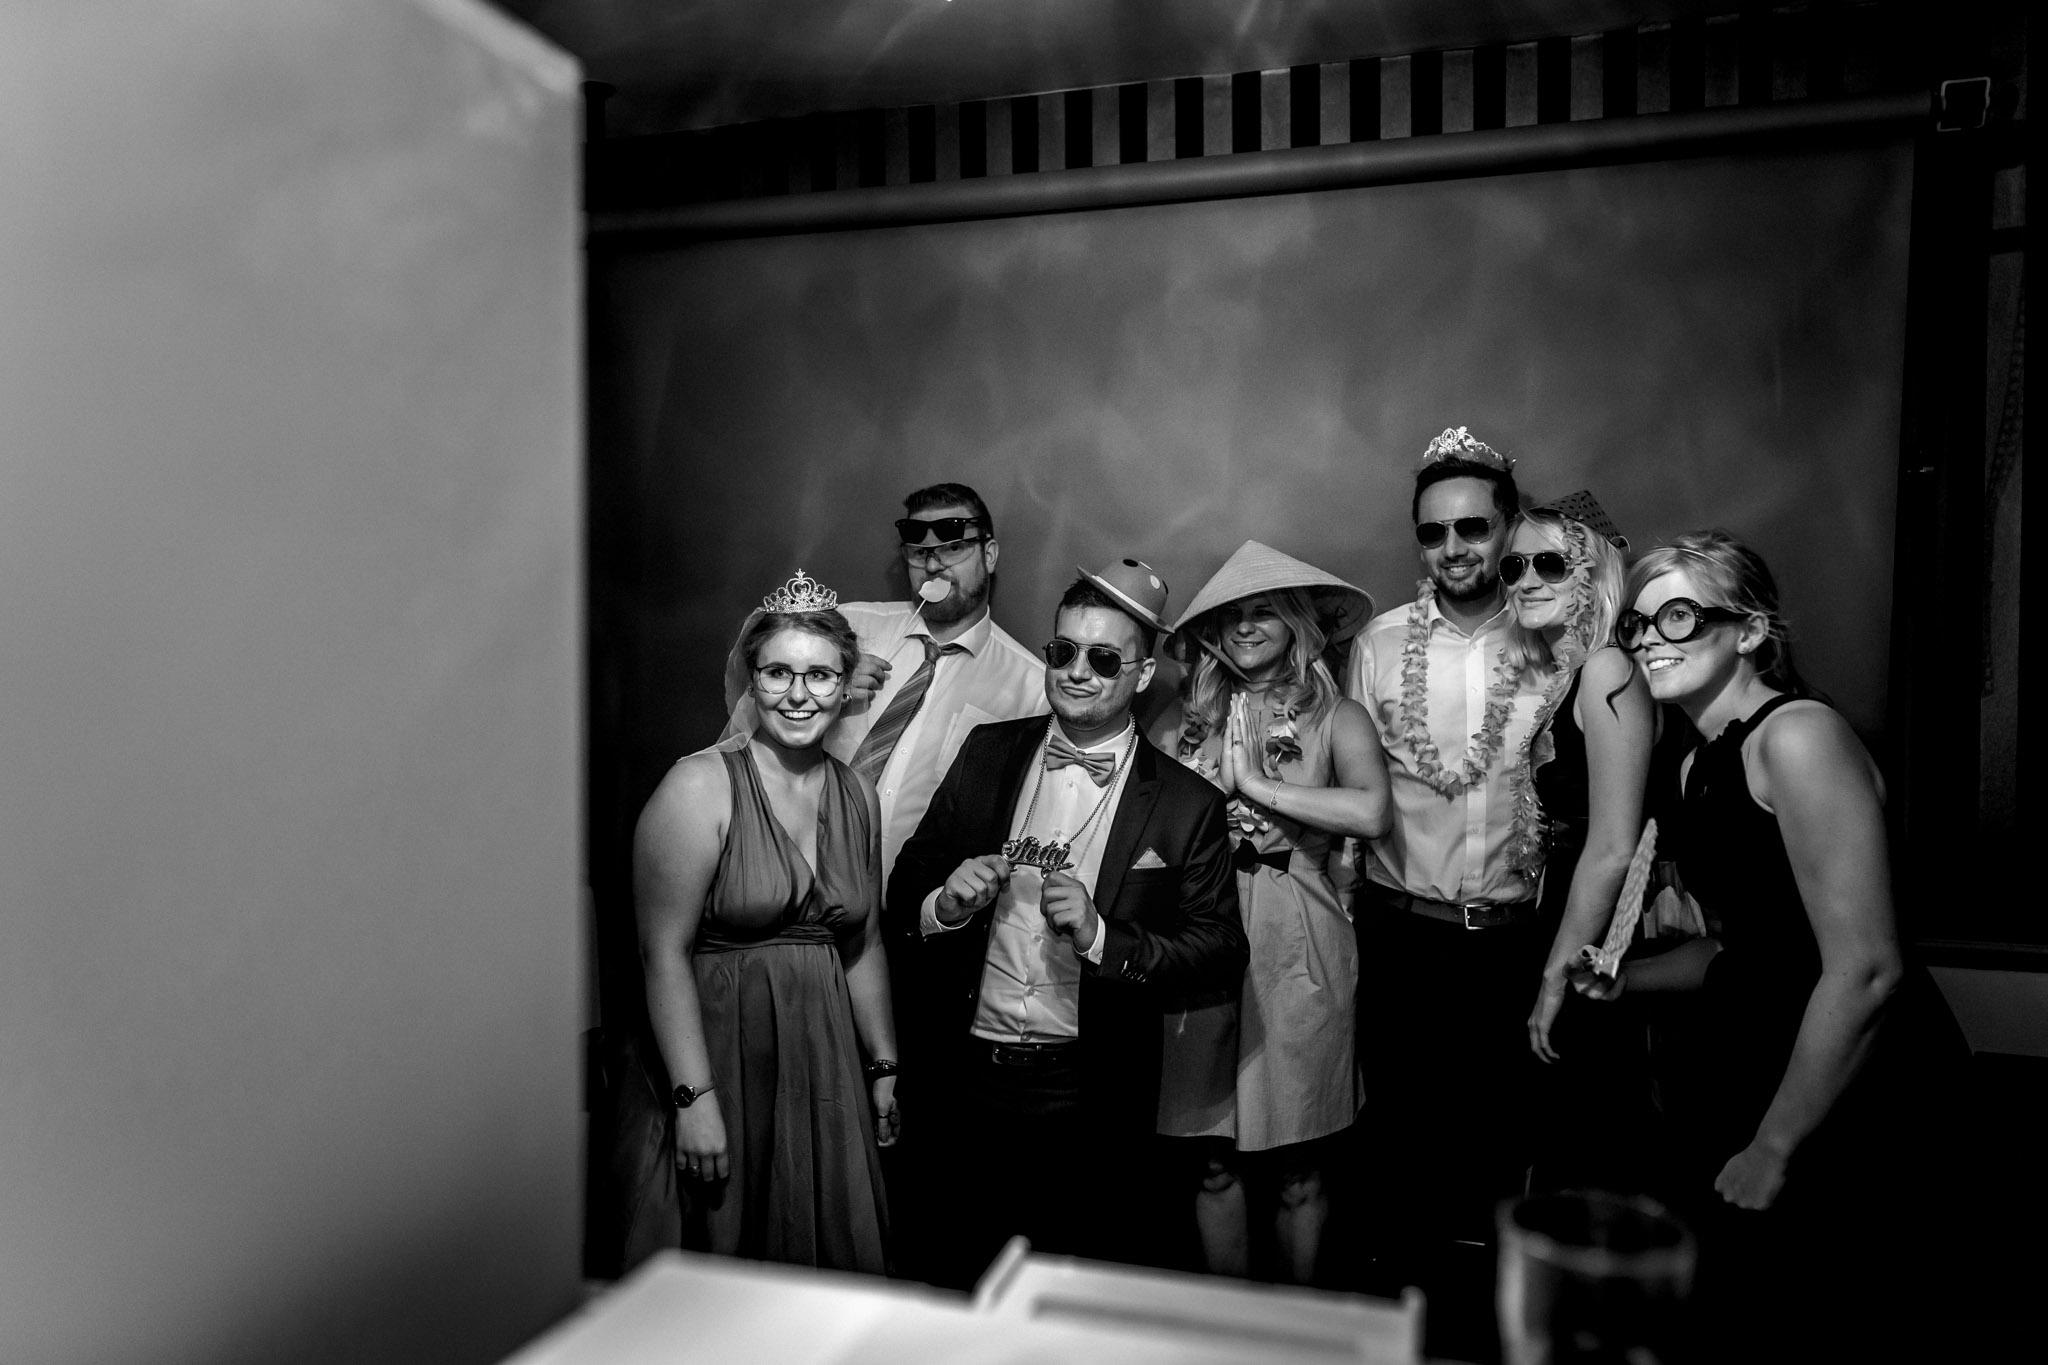 Sven Schomburg Hochzeitsfotografie, Hamburg, Mölln, Hochzeitsfieber by Photo-Schomburg, Hochzeitsreportage, Forsthaus Waldhusen, Braut, Bräutigam-84